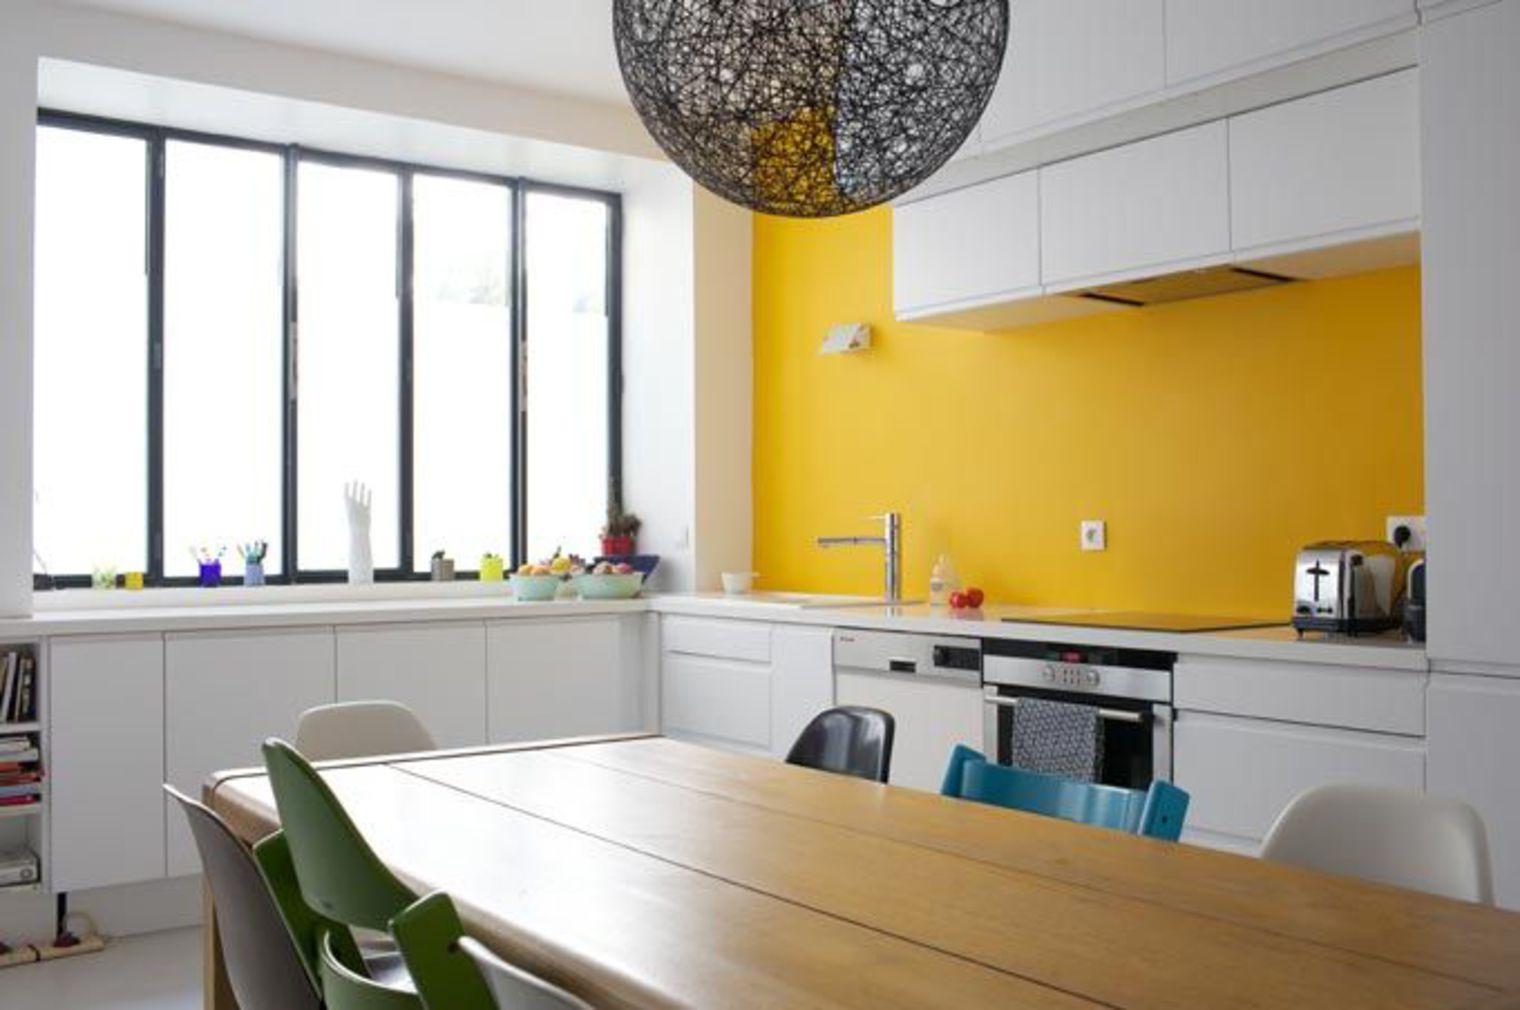 Avant apr s sur une cuisine et bien plus encore for Cuisine mur jaune